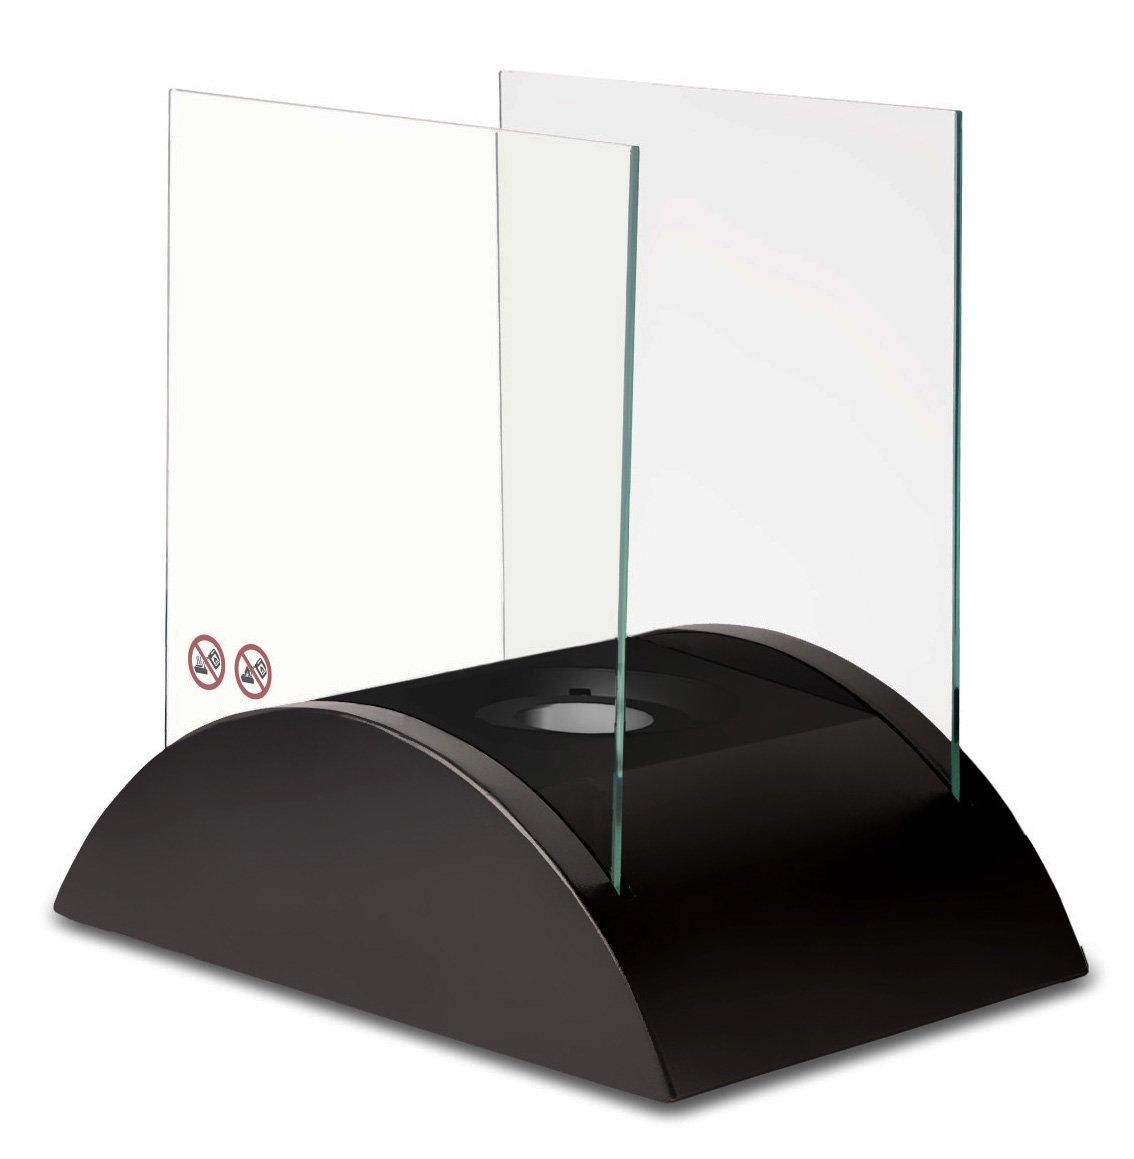 Matrasa Premium Tischkamin ESENDRA - Design XL Ethanolkamin für für für innen & außen - 1 KW ef421e